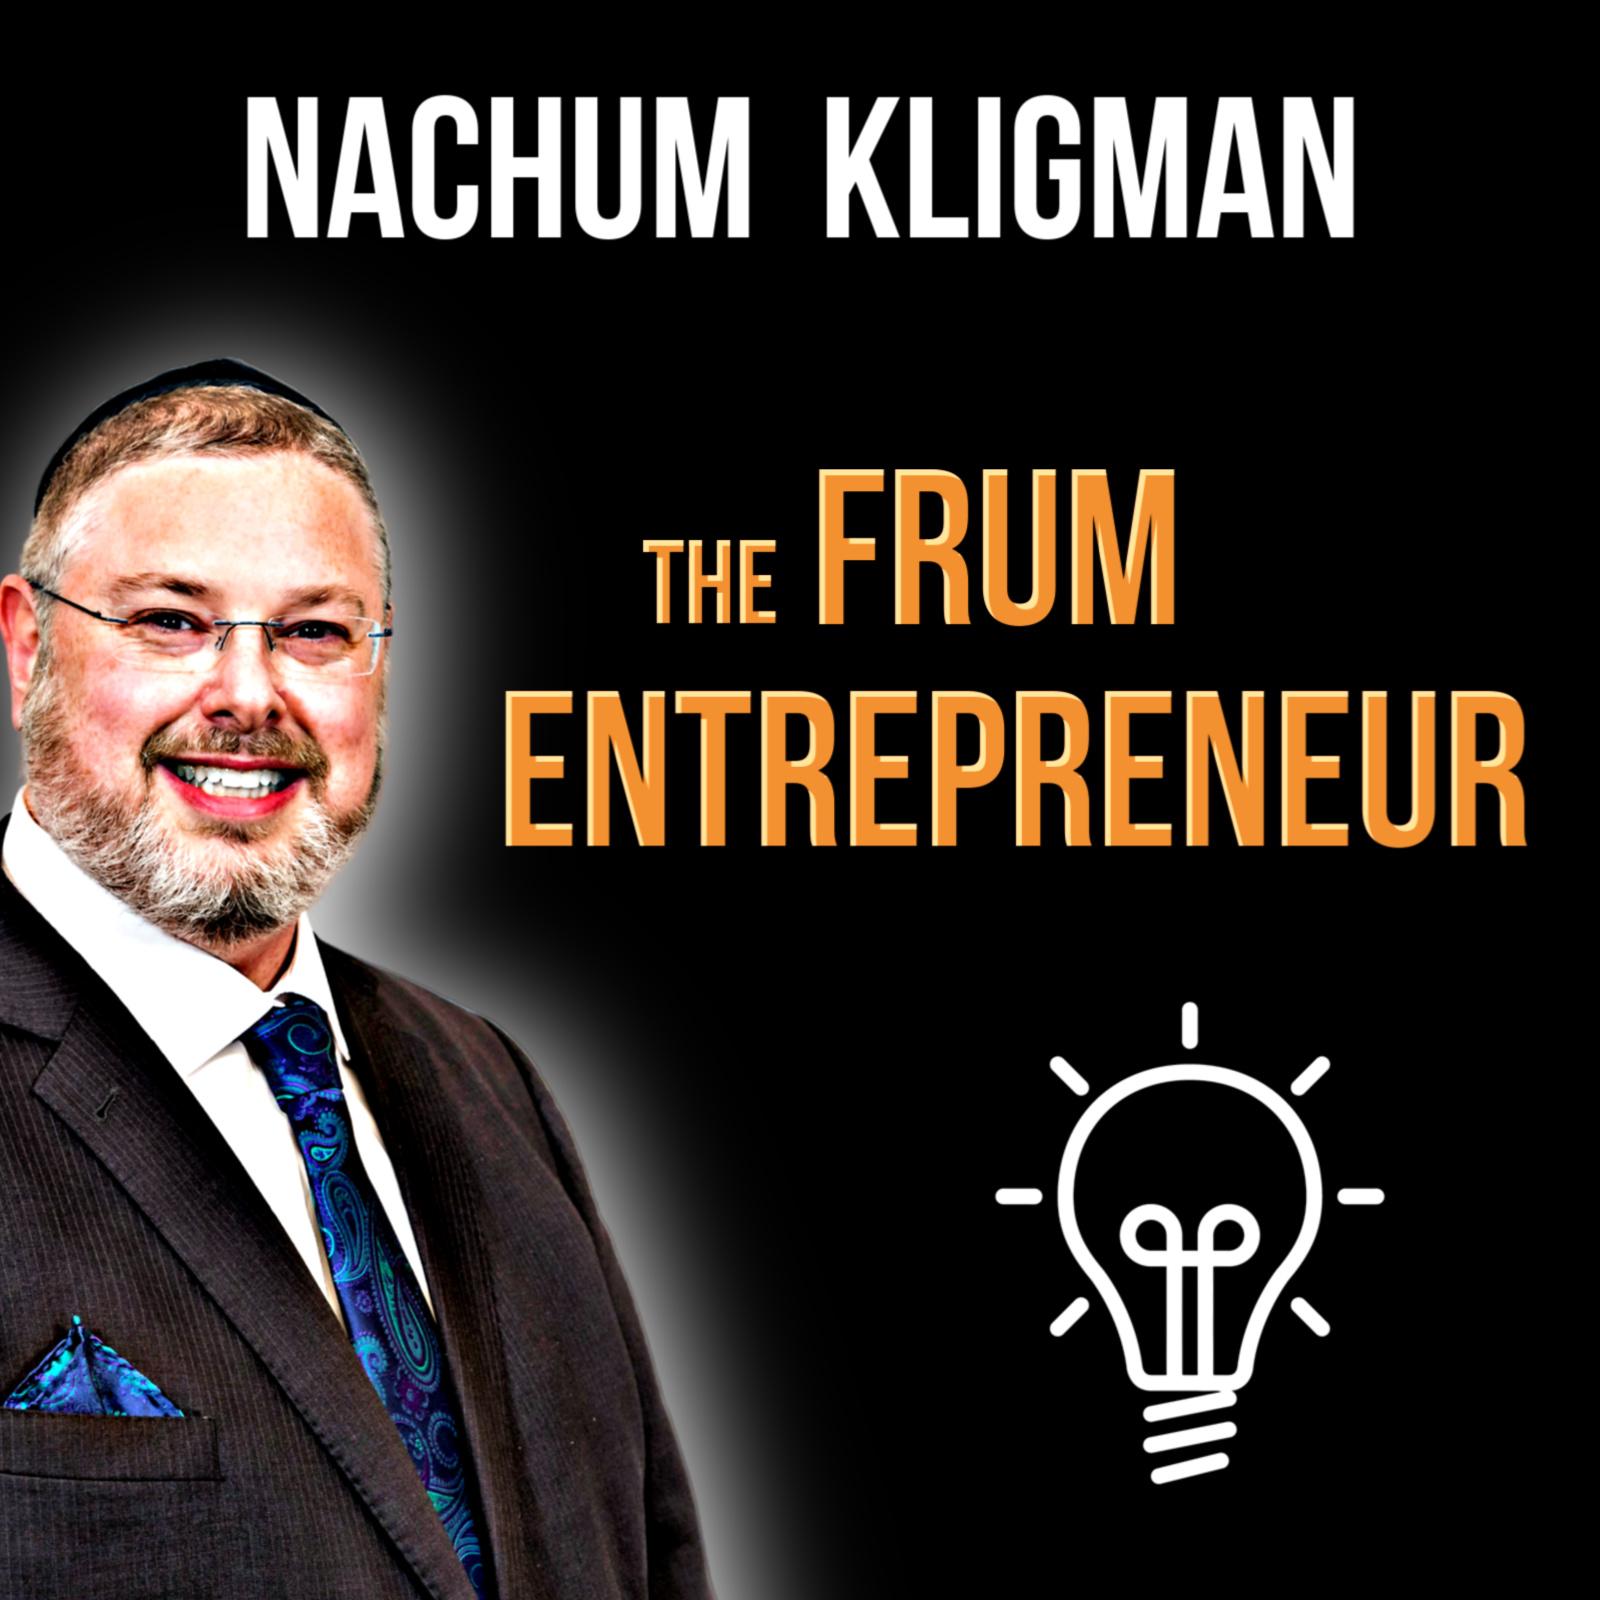 Artwork for podcast The Frum Entrepreneur